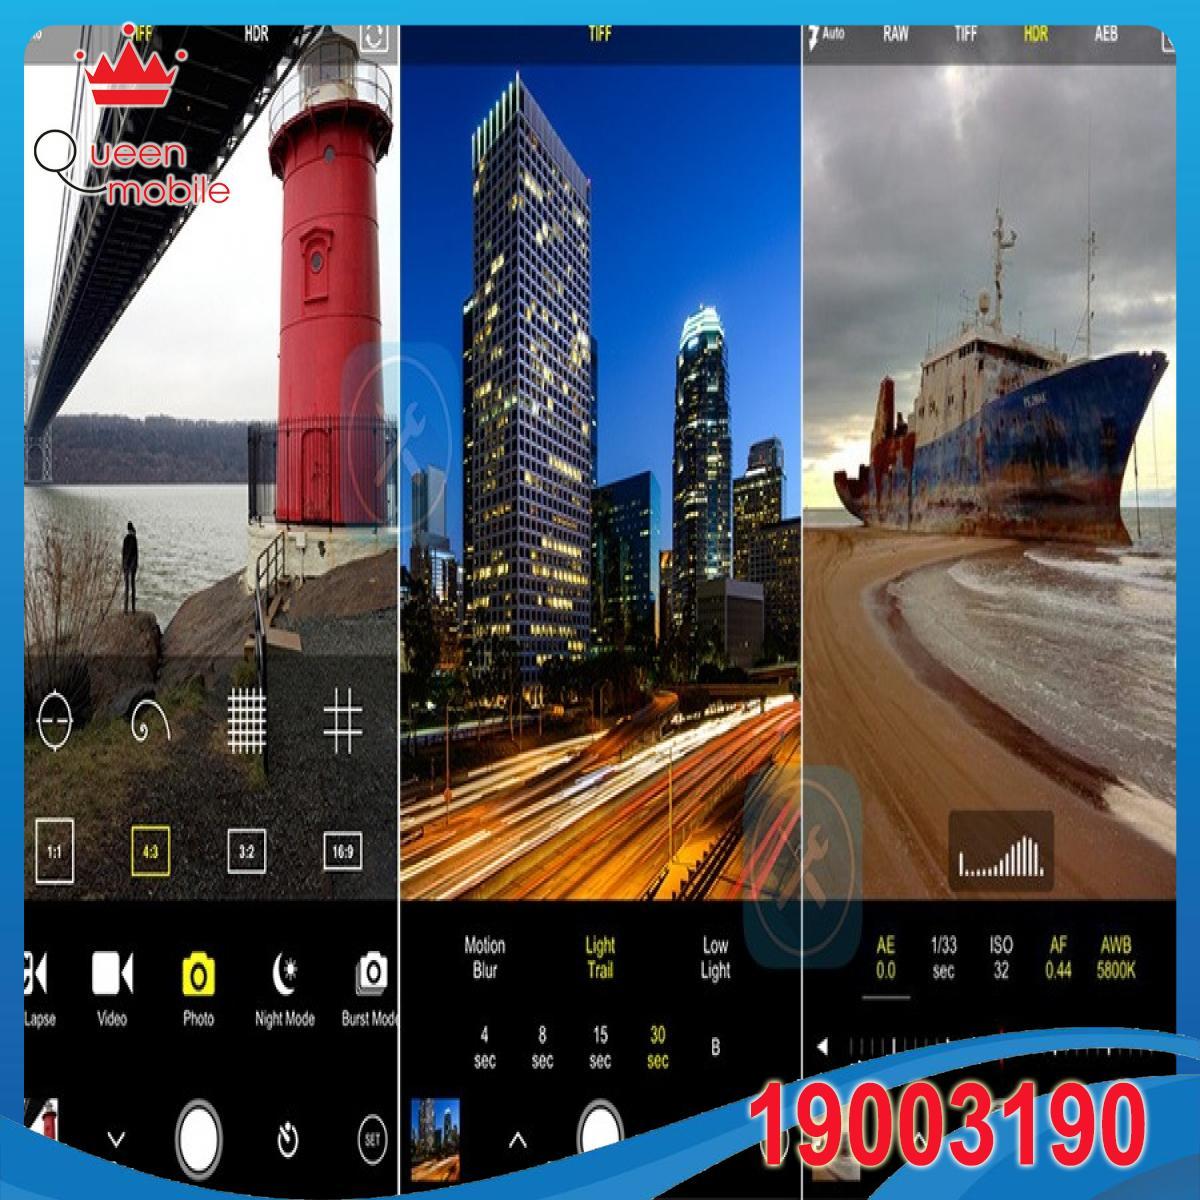 Những ứng dụng chụp và chỉnh sửa ảnh tốt nhất cho iPhone 7 và 7 Plus